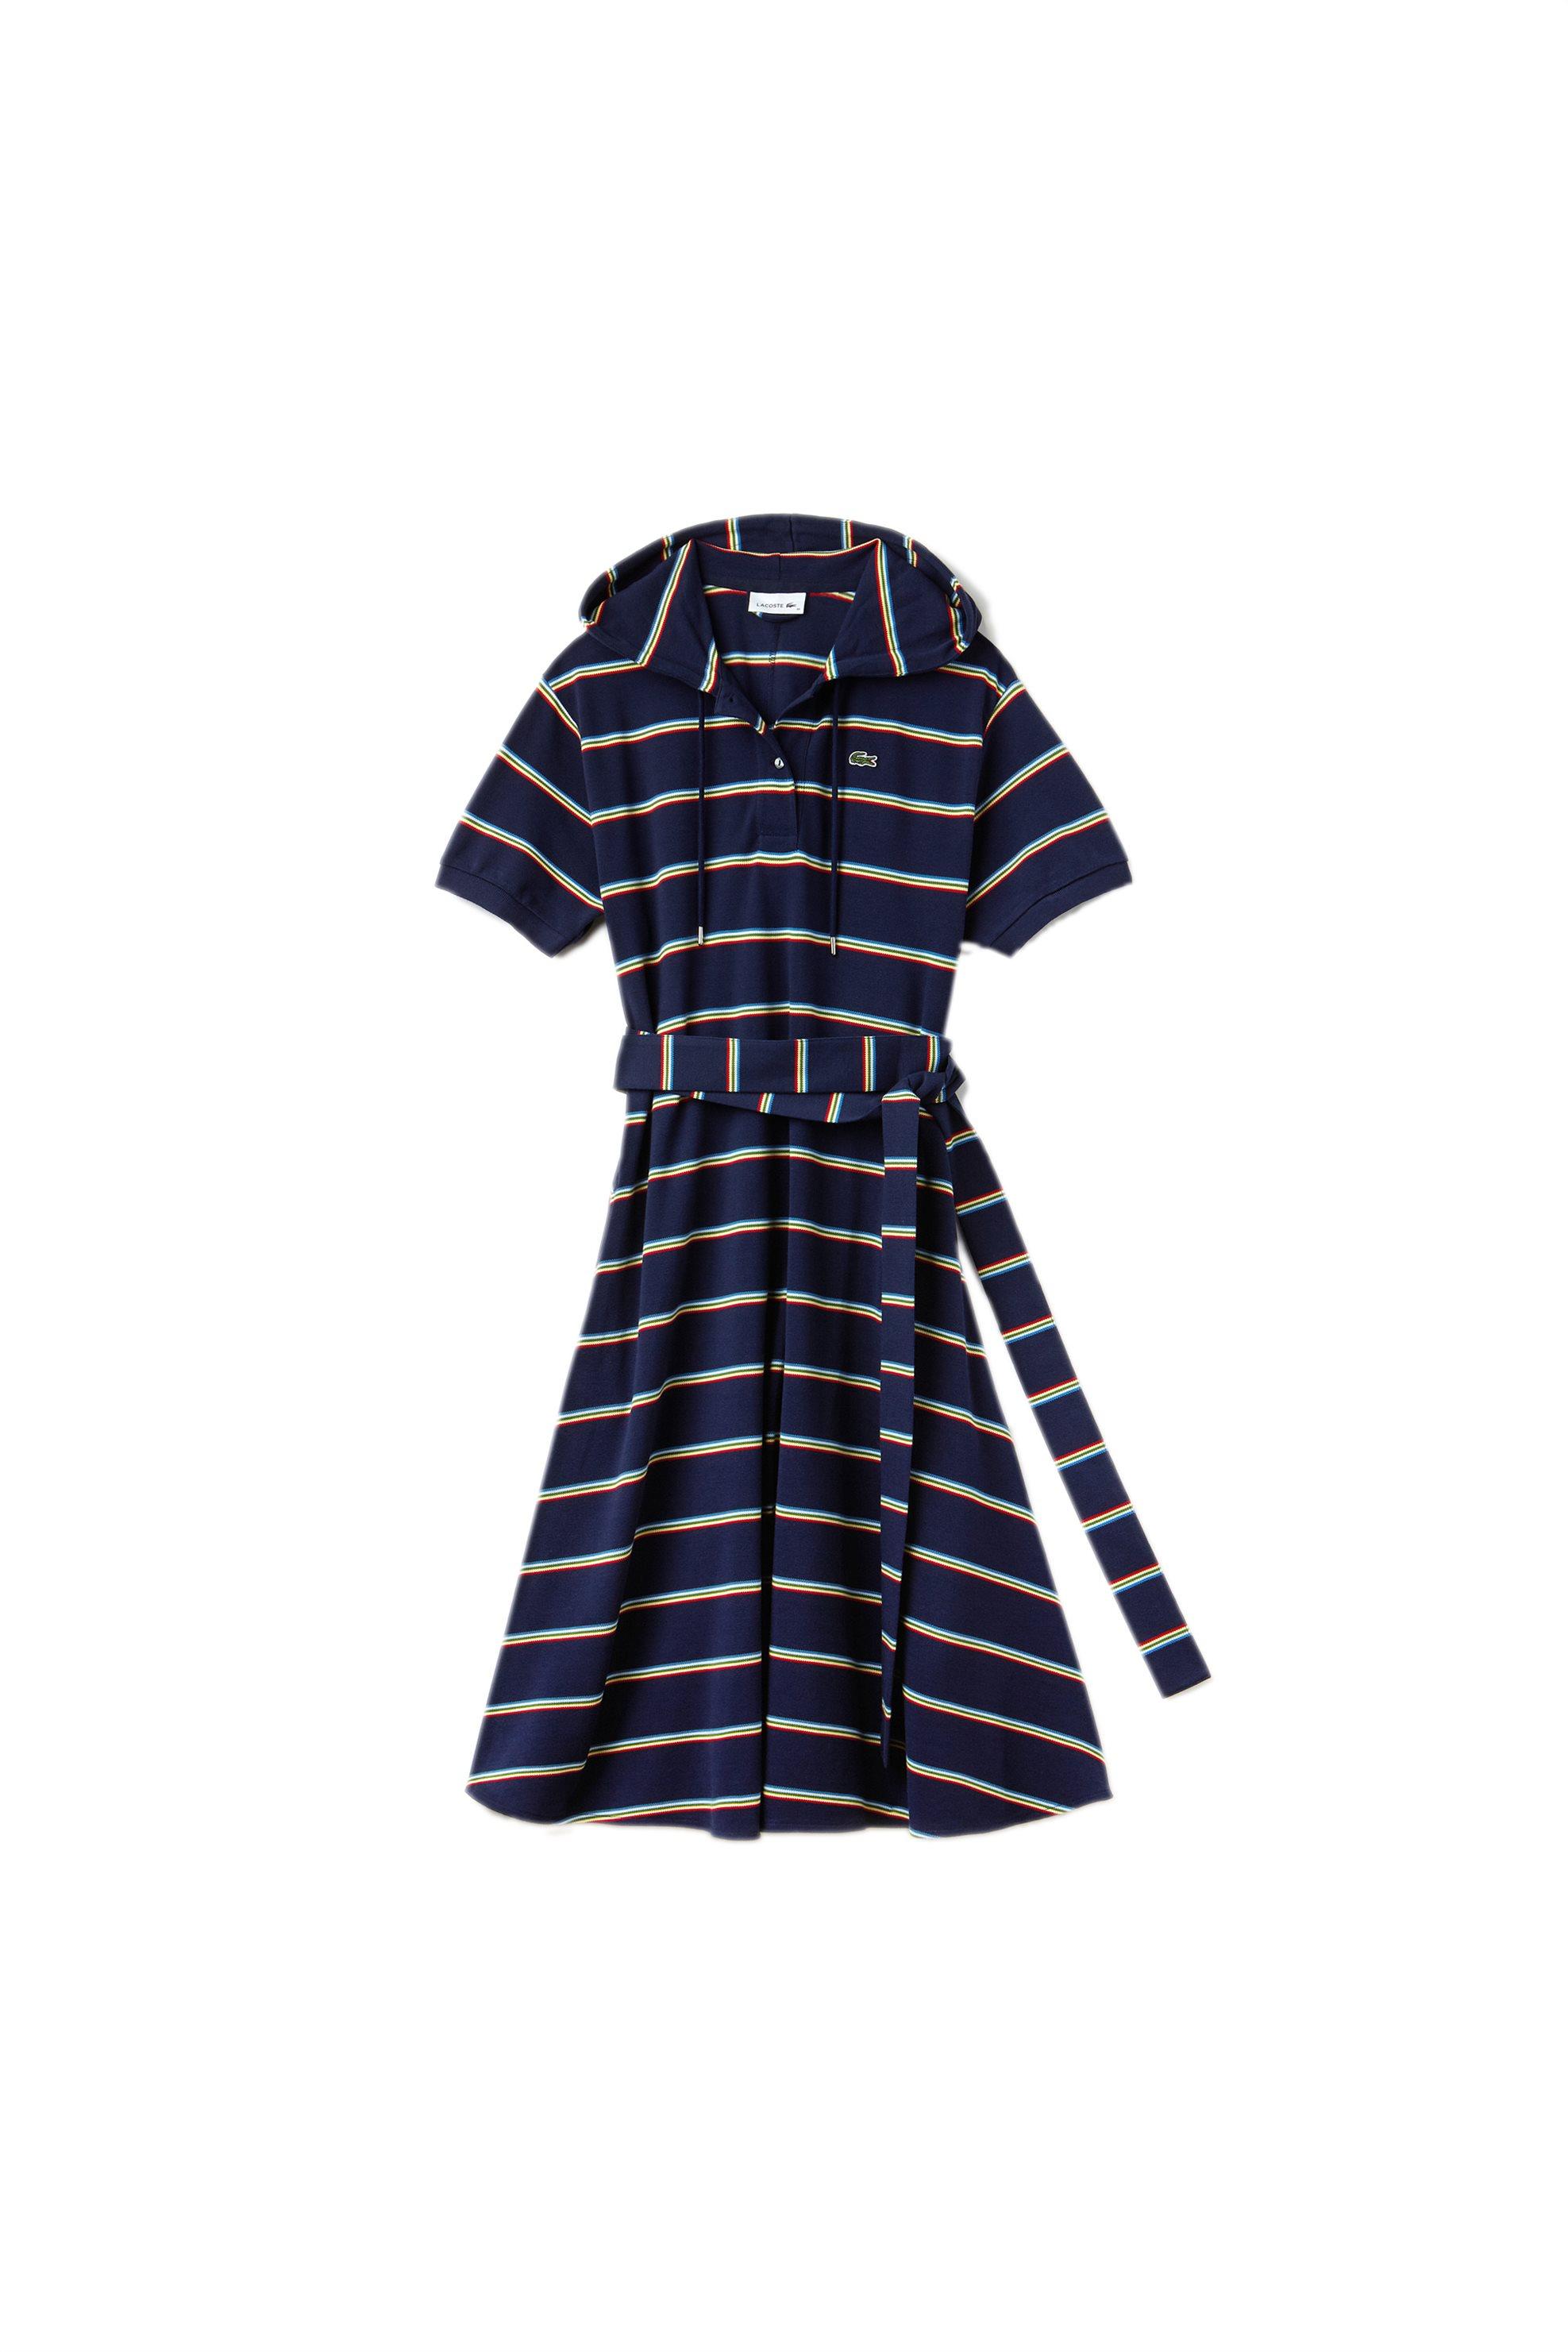 Γυναικείο polo πικέ φόρεμα Spring Bloom S/S 2018 Collection Lacoste - EF3084 - Μ γυναικα   ρουχα   φορέματα   midi φορέματα